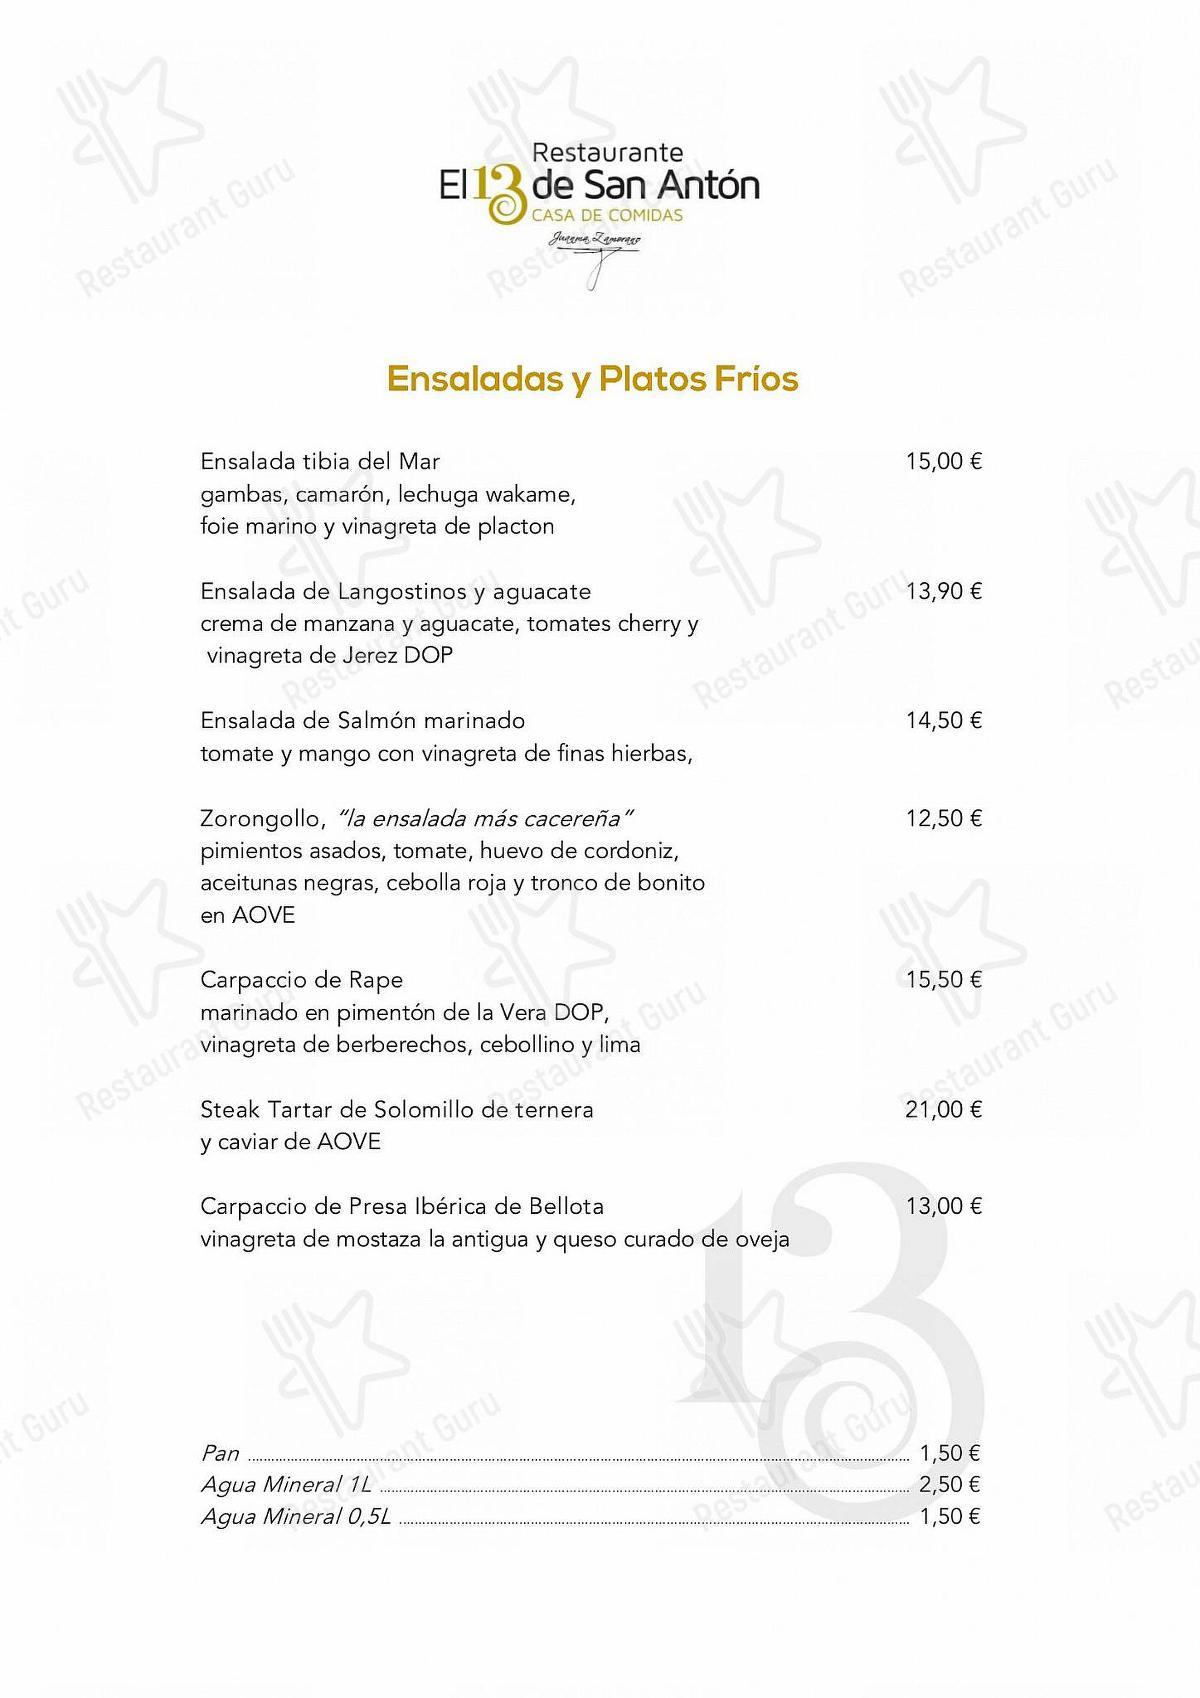 Mira la carta de Restaurante El 13 de San Antón